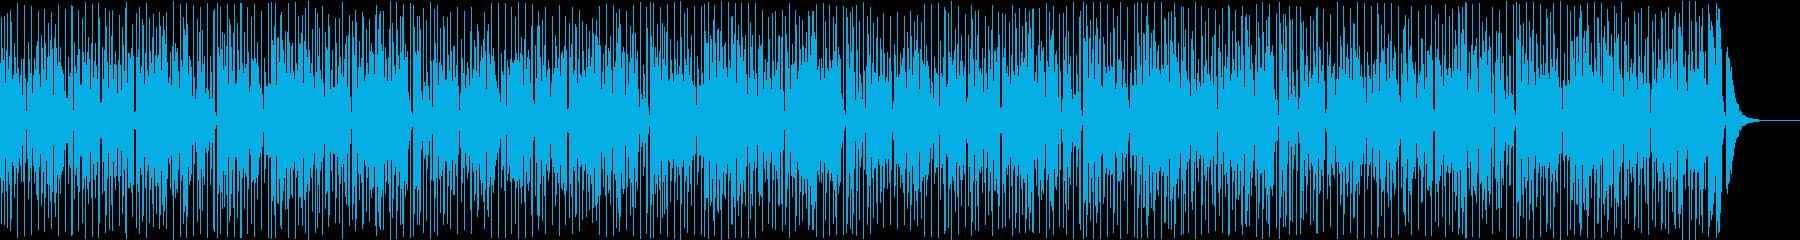 陽気でお洒落なジプシージャズの再生済みの波形